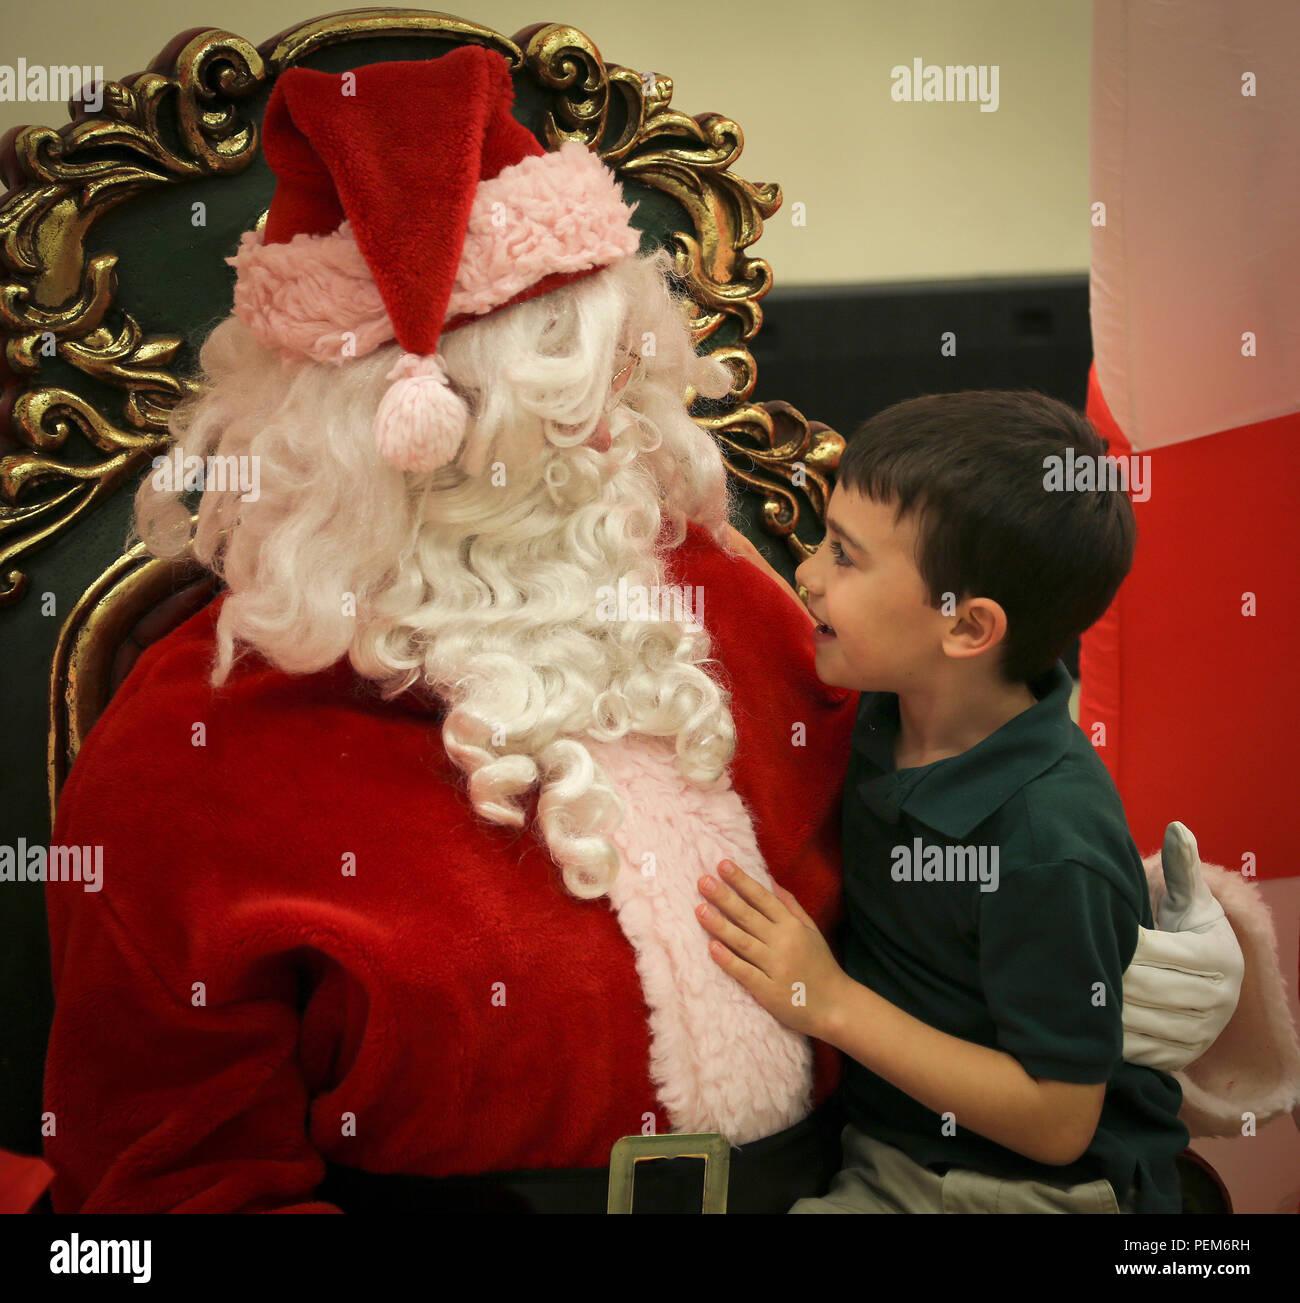 Babbo Natale Brutto.Un Bambino Interagisce Con Babbo Natale Nel Corso Di Una Festa A Bordo Di Marine Corps